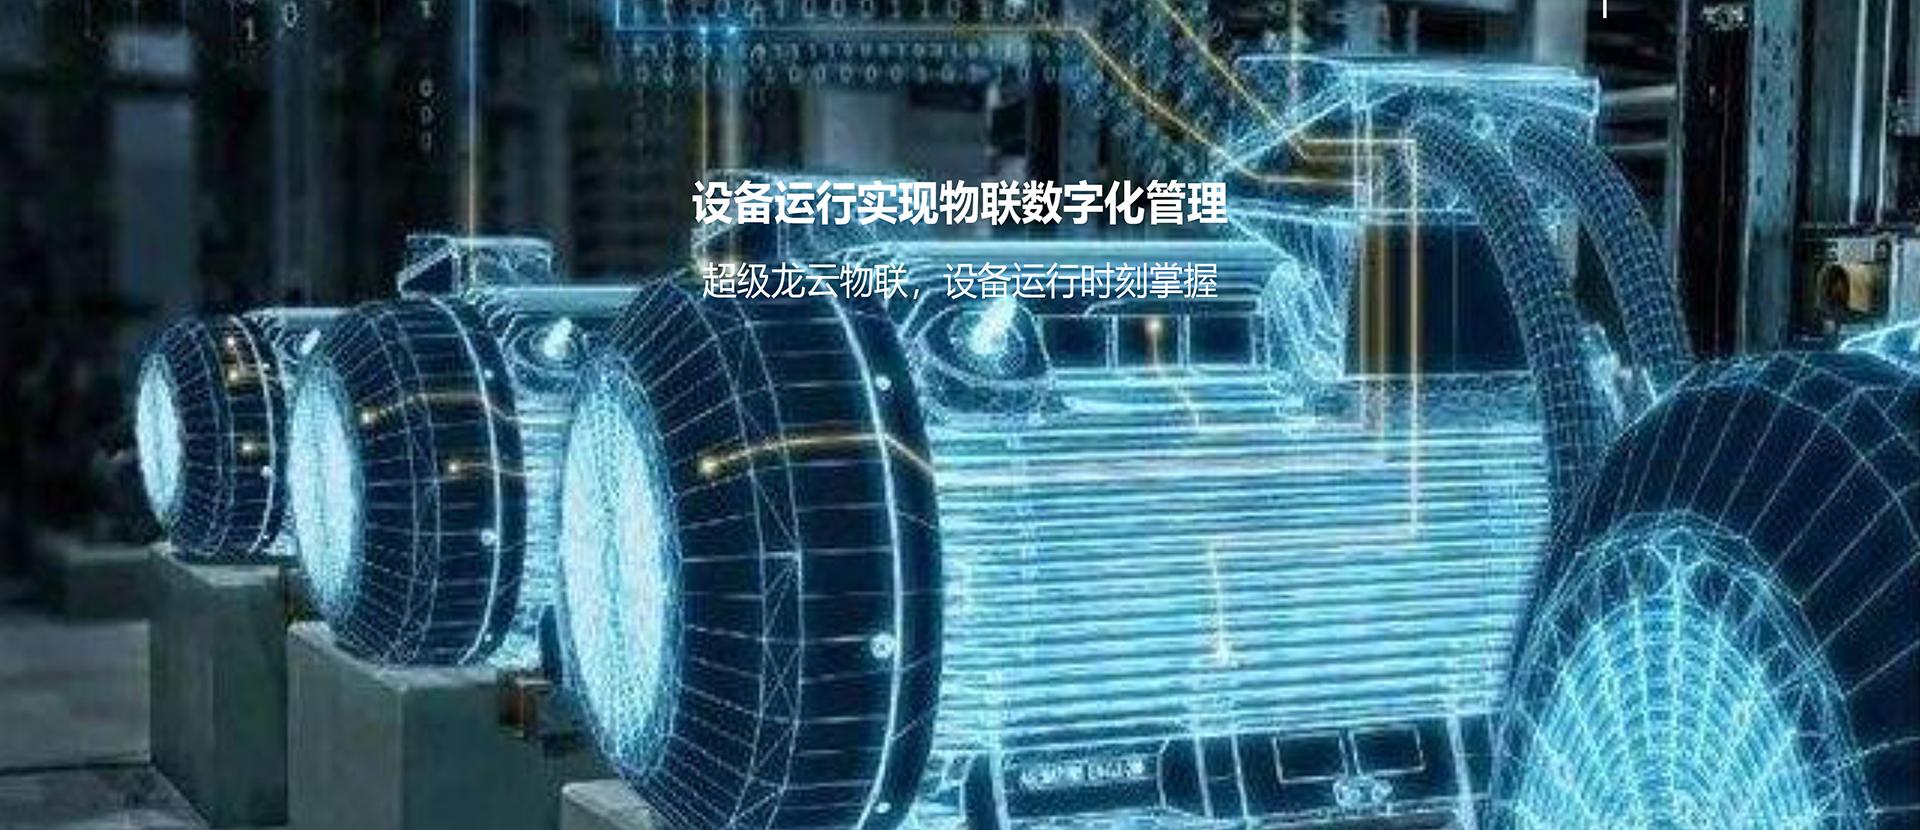 空压机升级改造-节能空压机